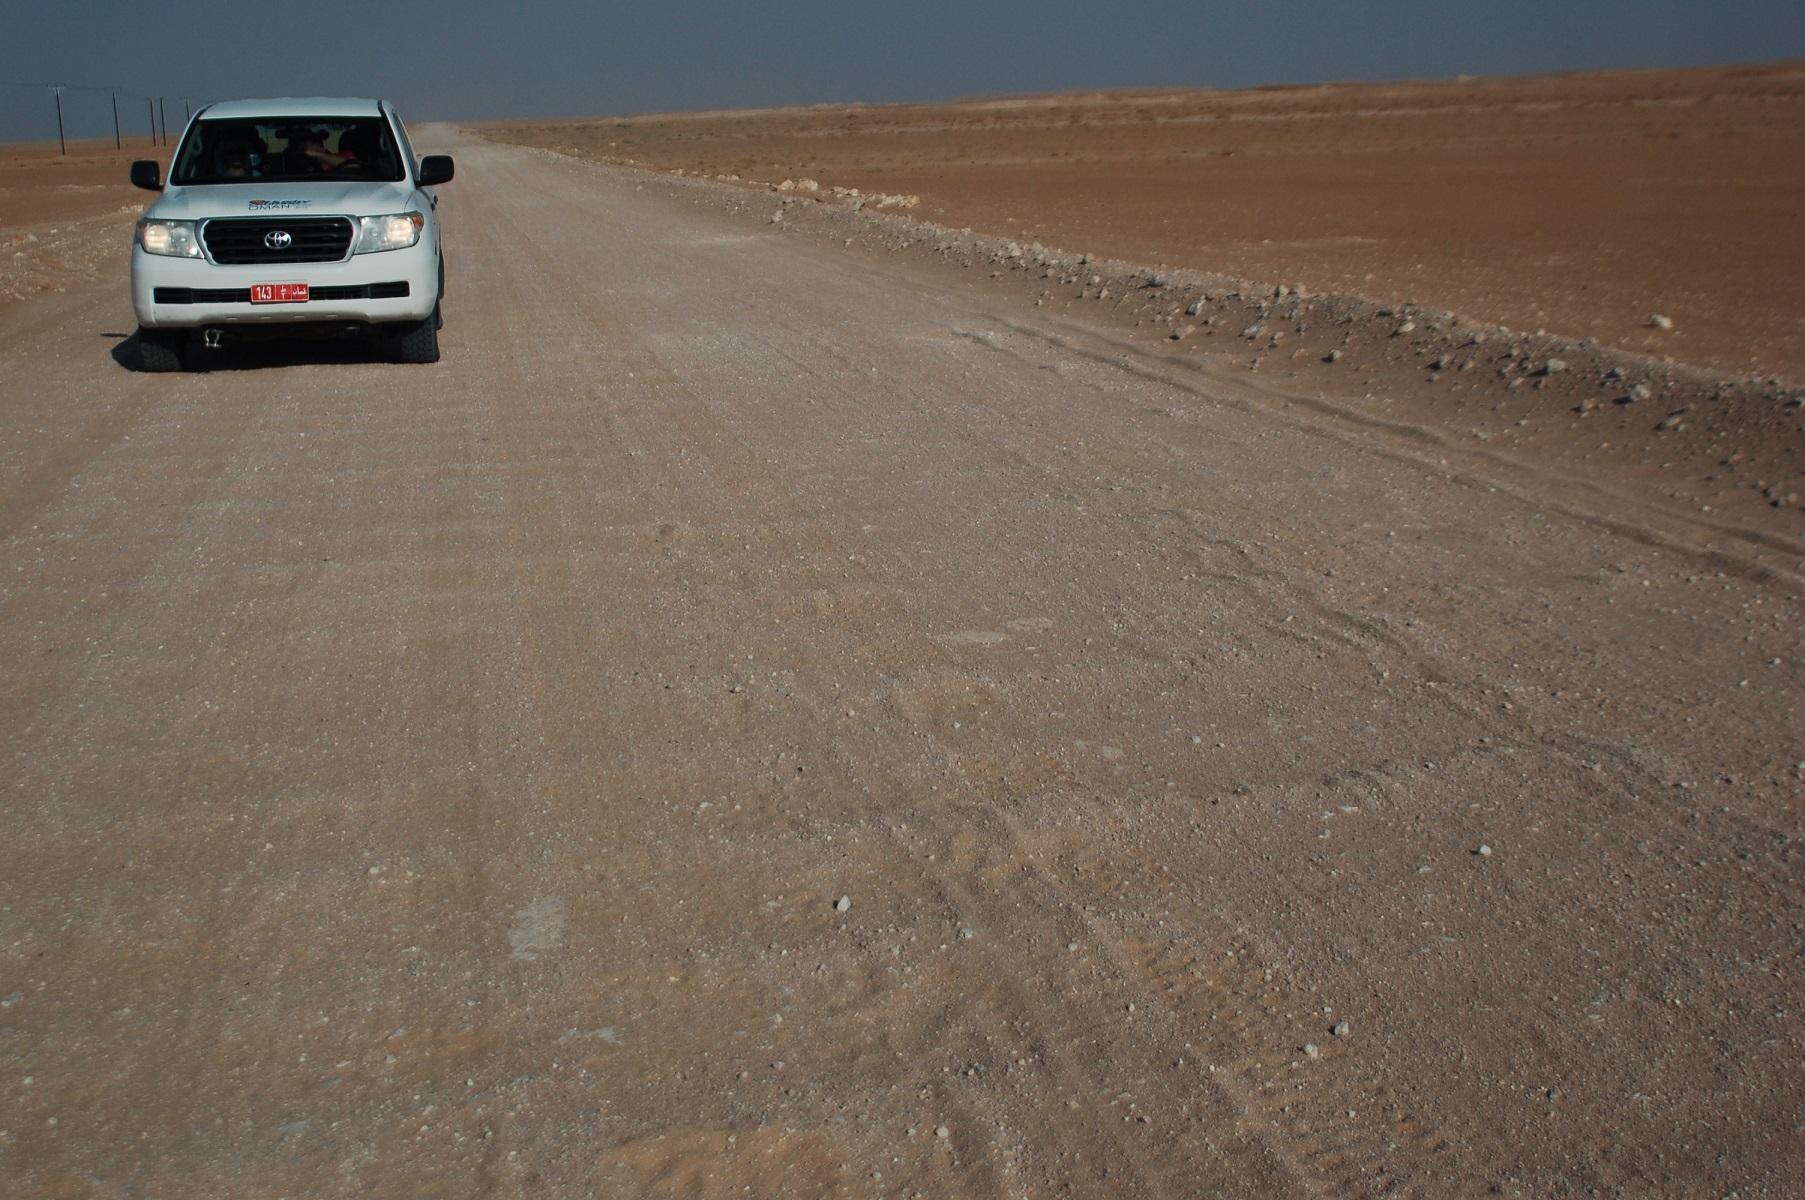 Oman - Egal wie gepflegt die Piste ist, das berühmte Wellblech ist schnell wieder da.